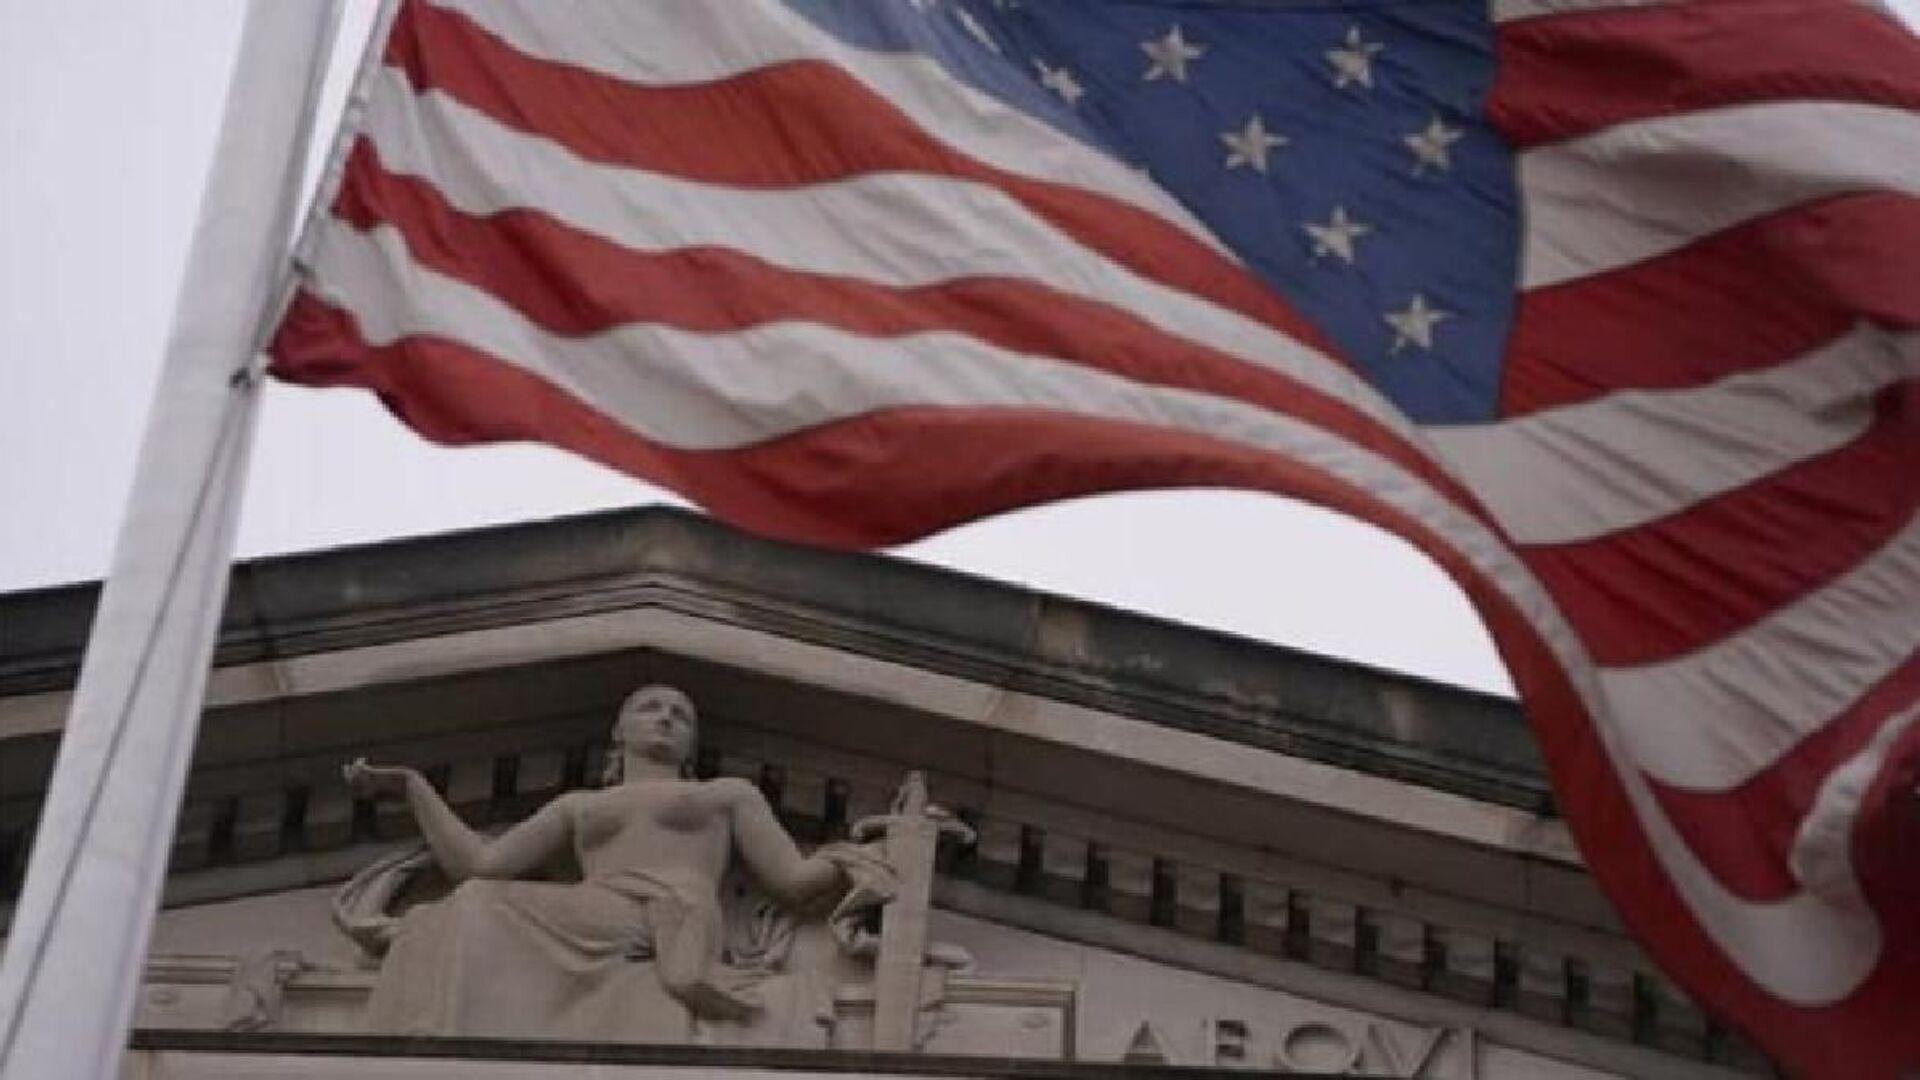 ABD bayrağı, ABD mahkeme, ABD Yüksek Mahkeme - Sputnik Türkiye, 1920, 15.04.2021